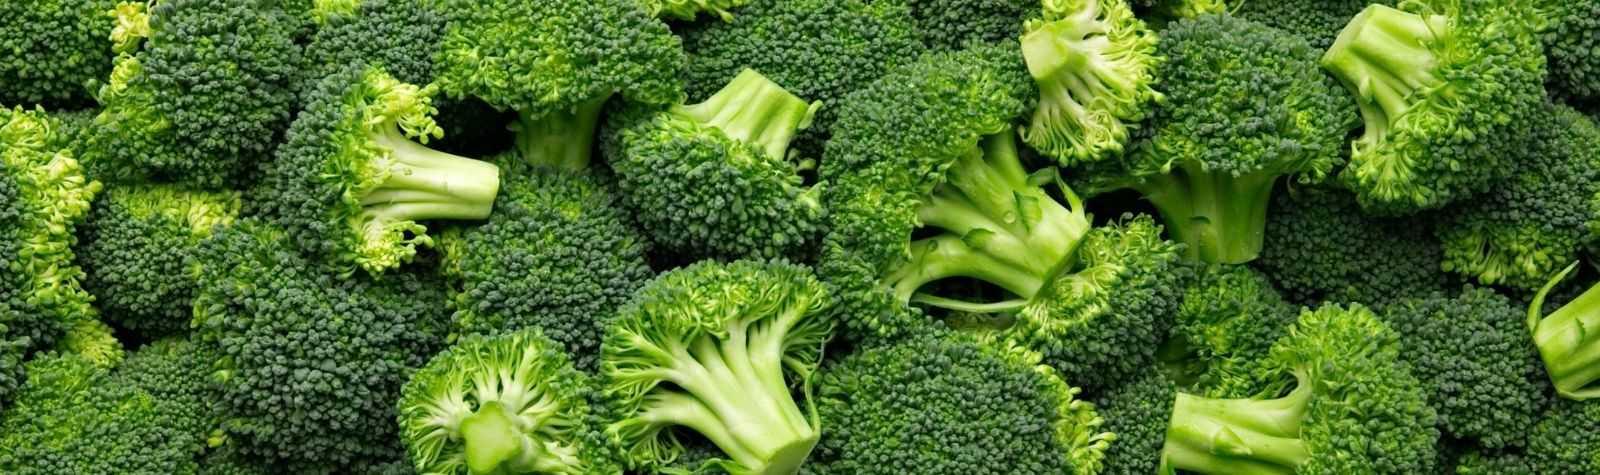 El consumo de brócoli en España se multiplica por diez